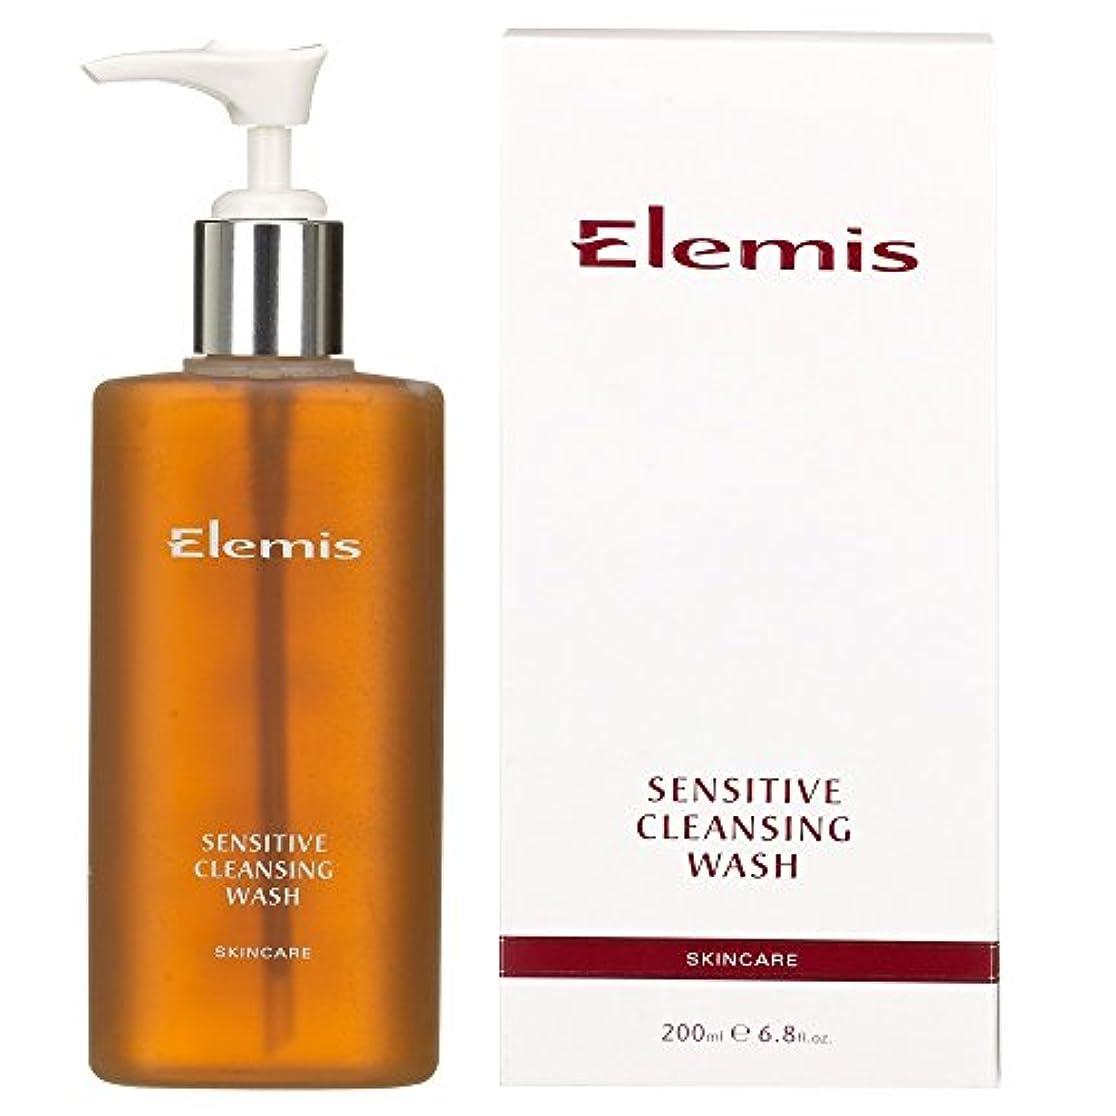 上がる余剰アルミニウムエレミスは敏感クレンジングウォッシュをスキンケア (Elemis) (x6) - Elemis Skincare Sensitive Cleansing Wash (Pack of 6) [並行輸入品]